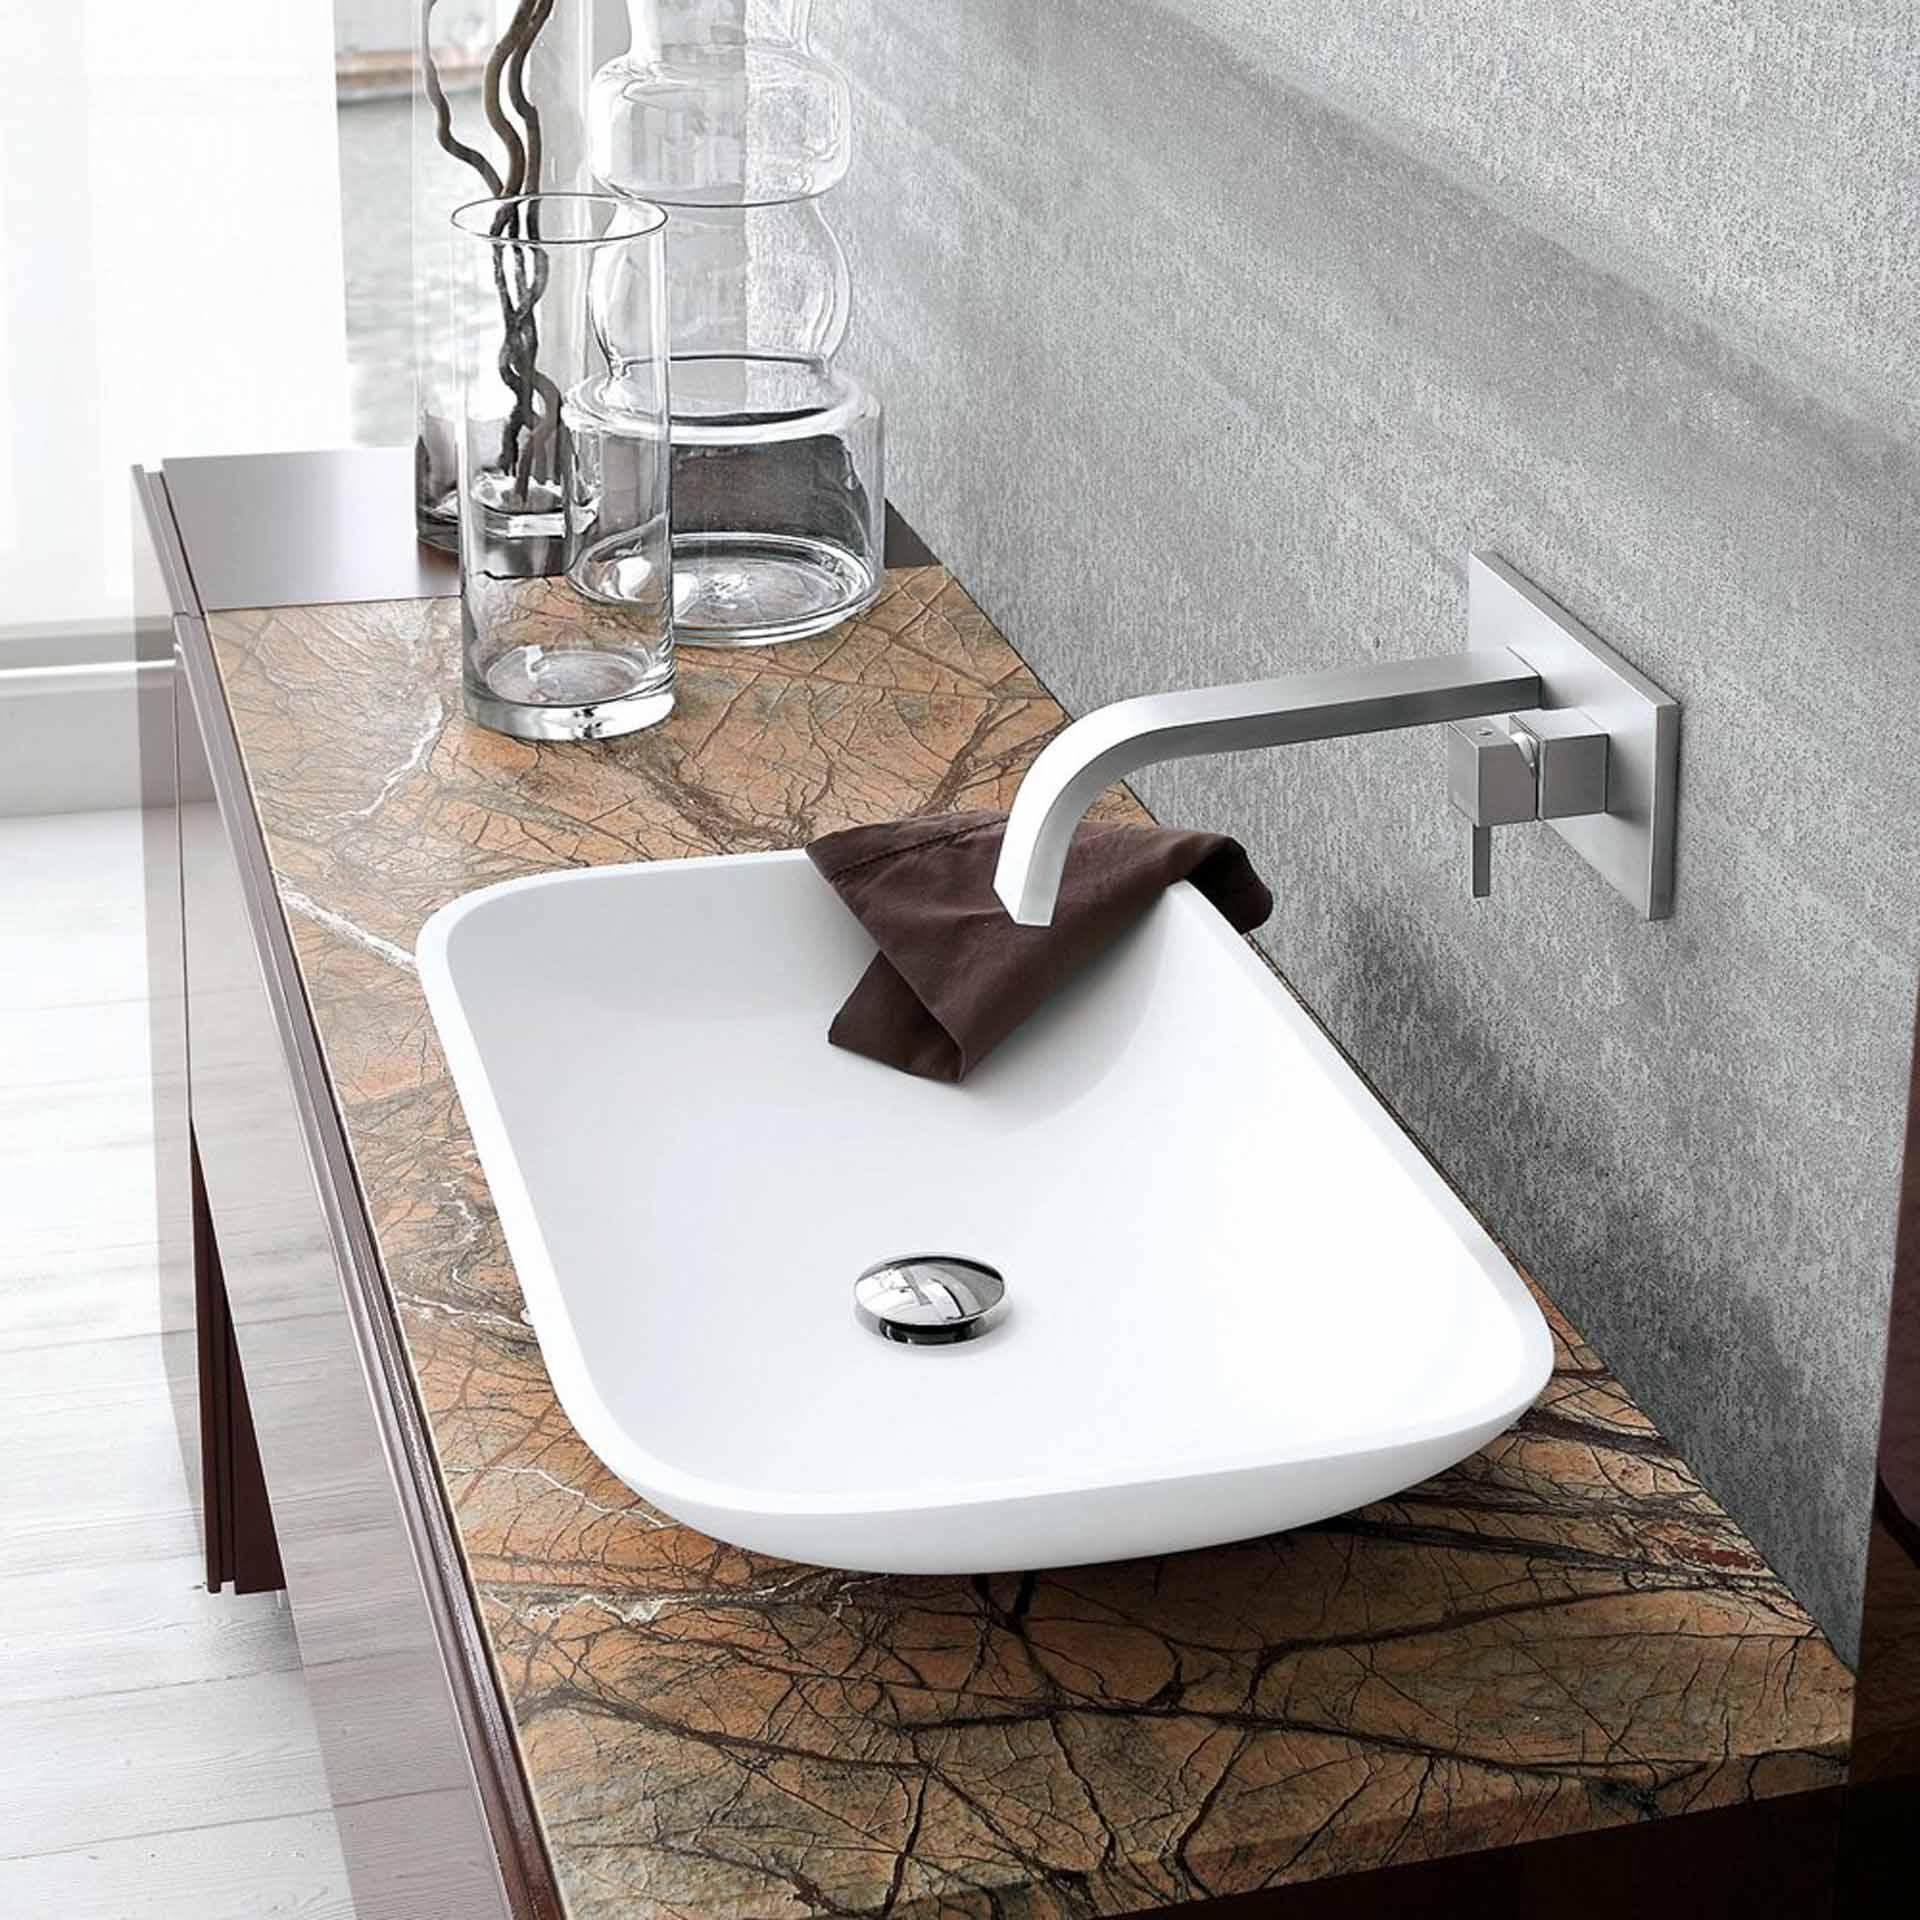 I migliori lavabi d 39 arredo come sceglierli orsolini for Rubinetti design